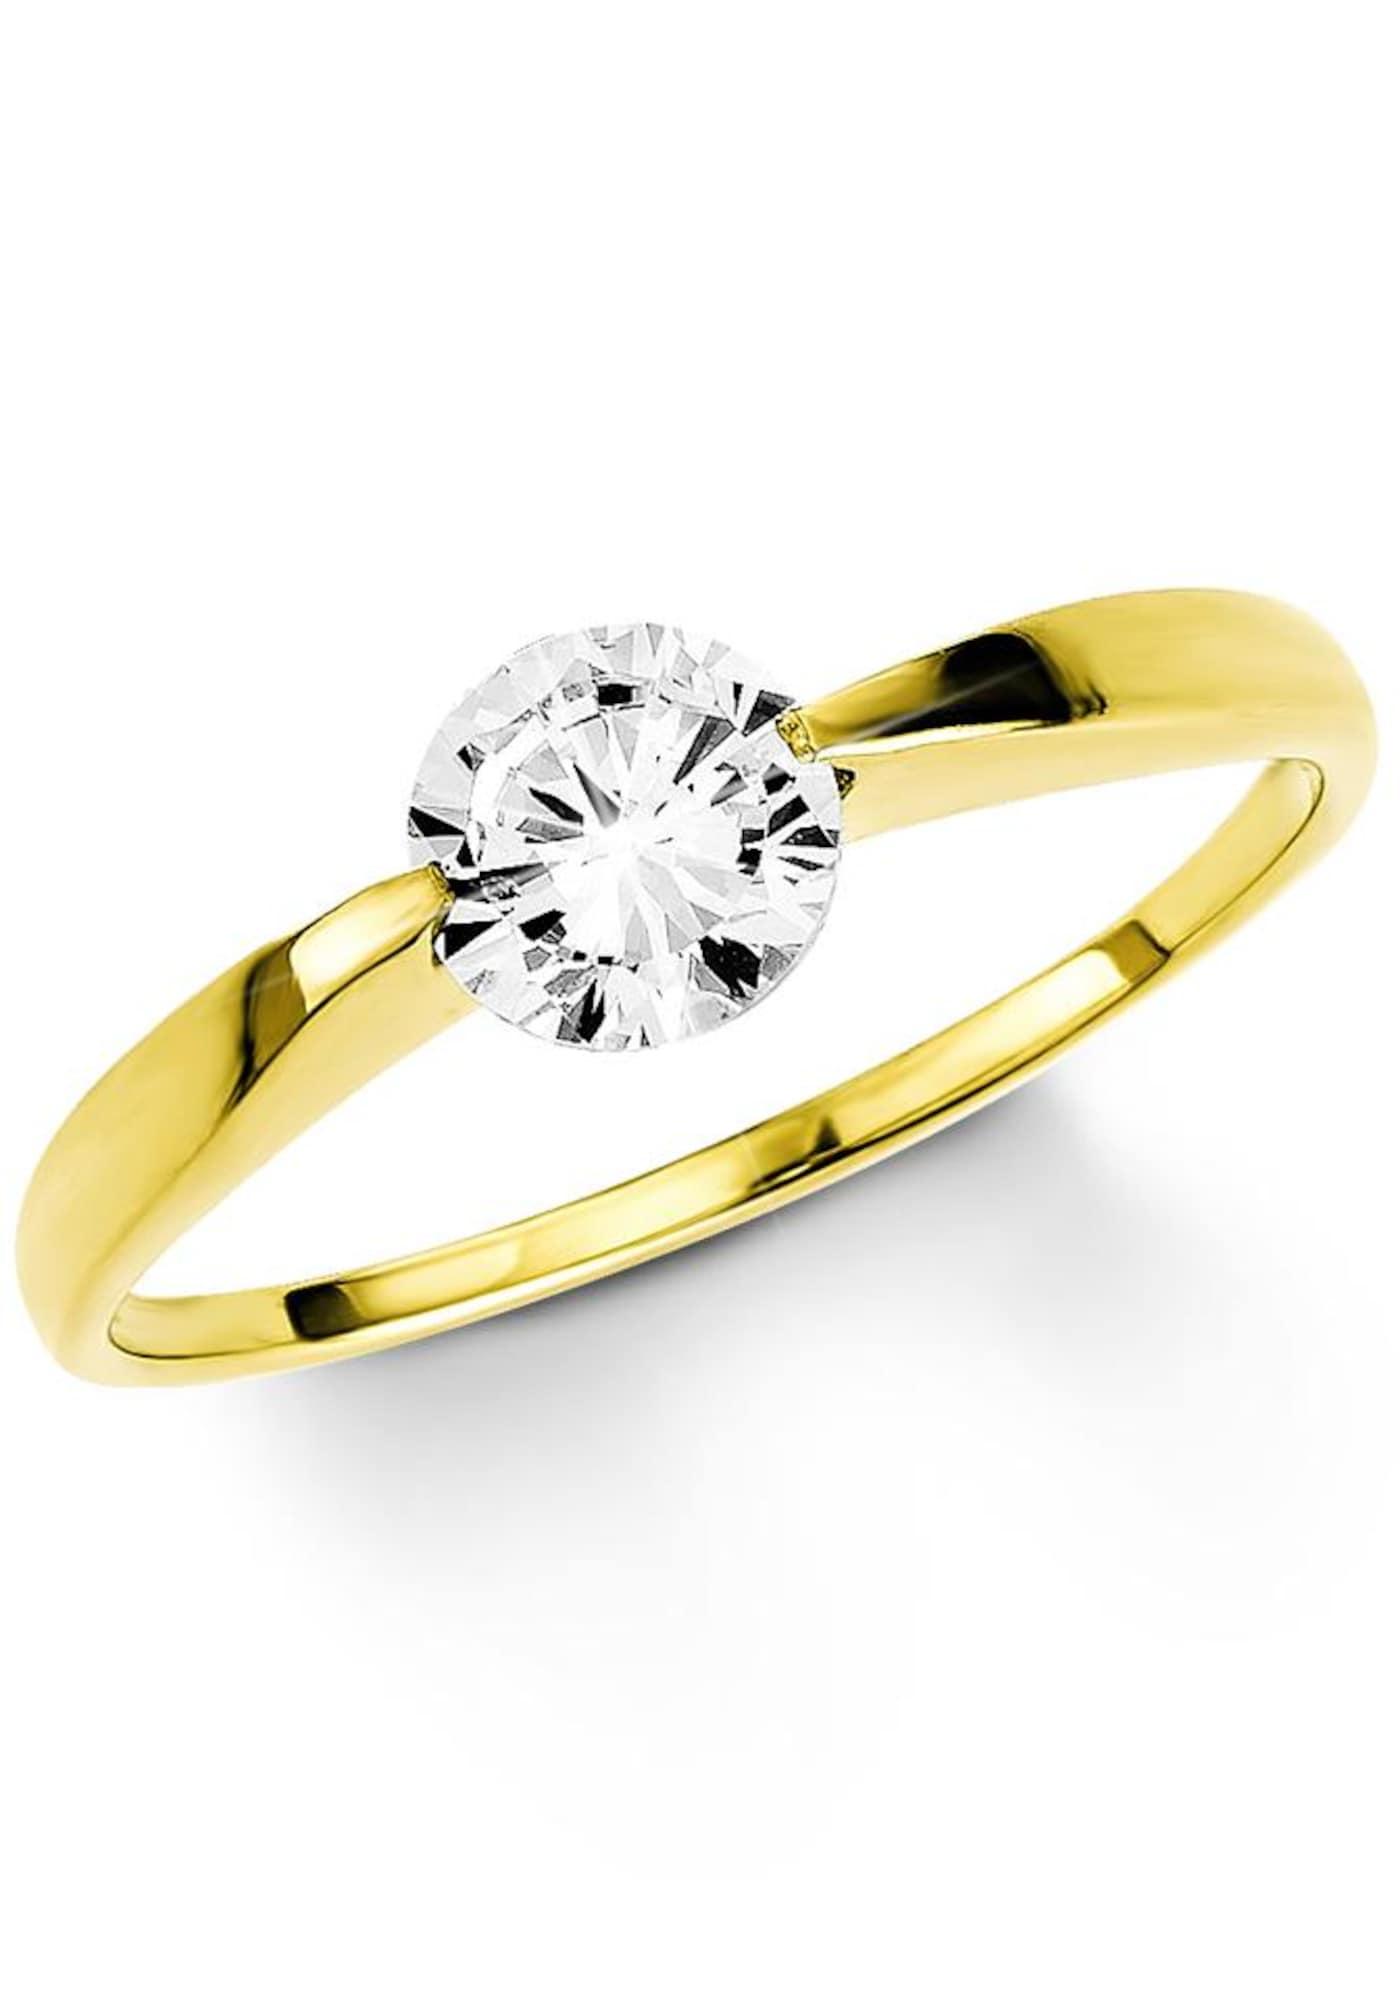 Fingerring | Schmuck > Ringe > Fingerringe | Gold | AMOR